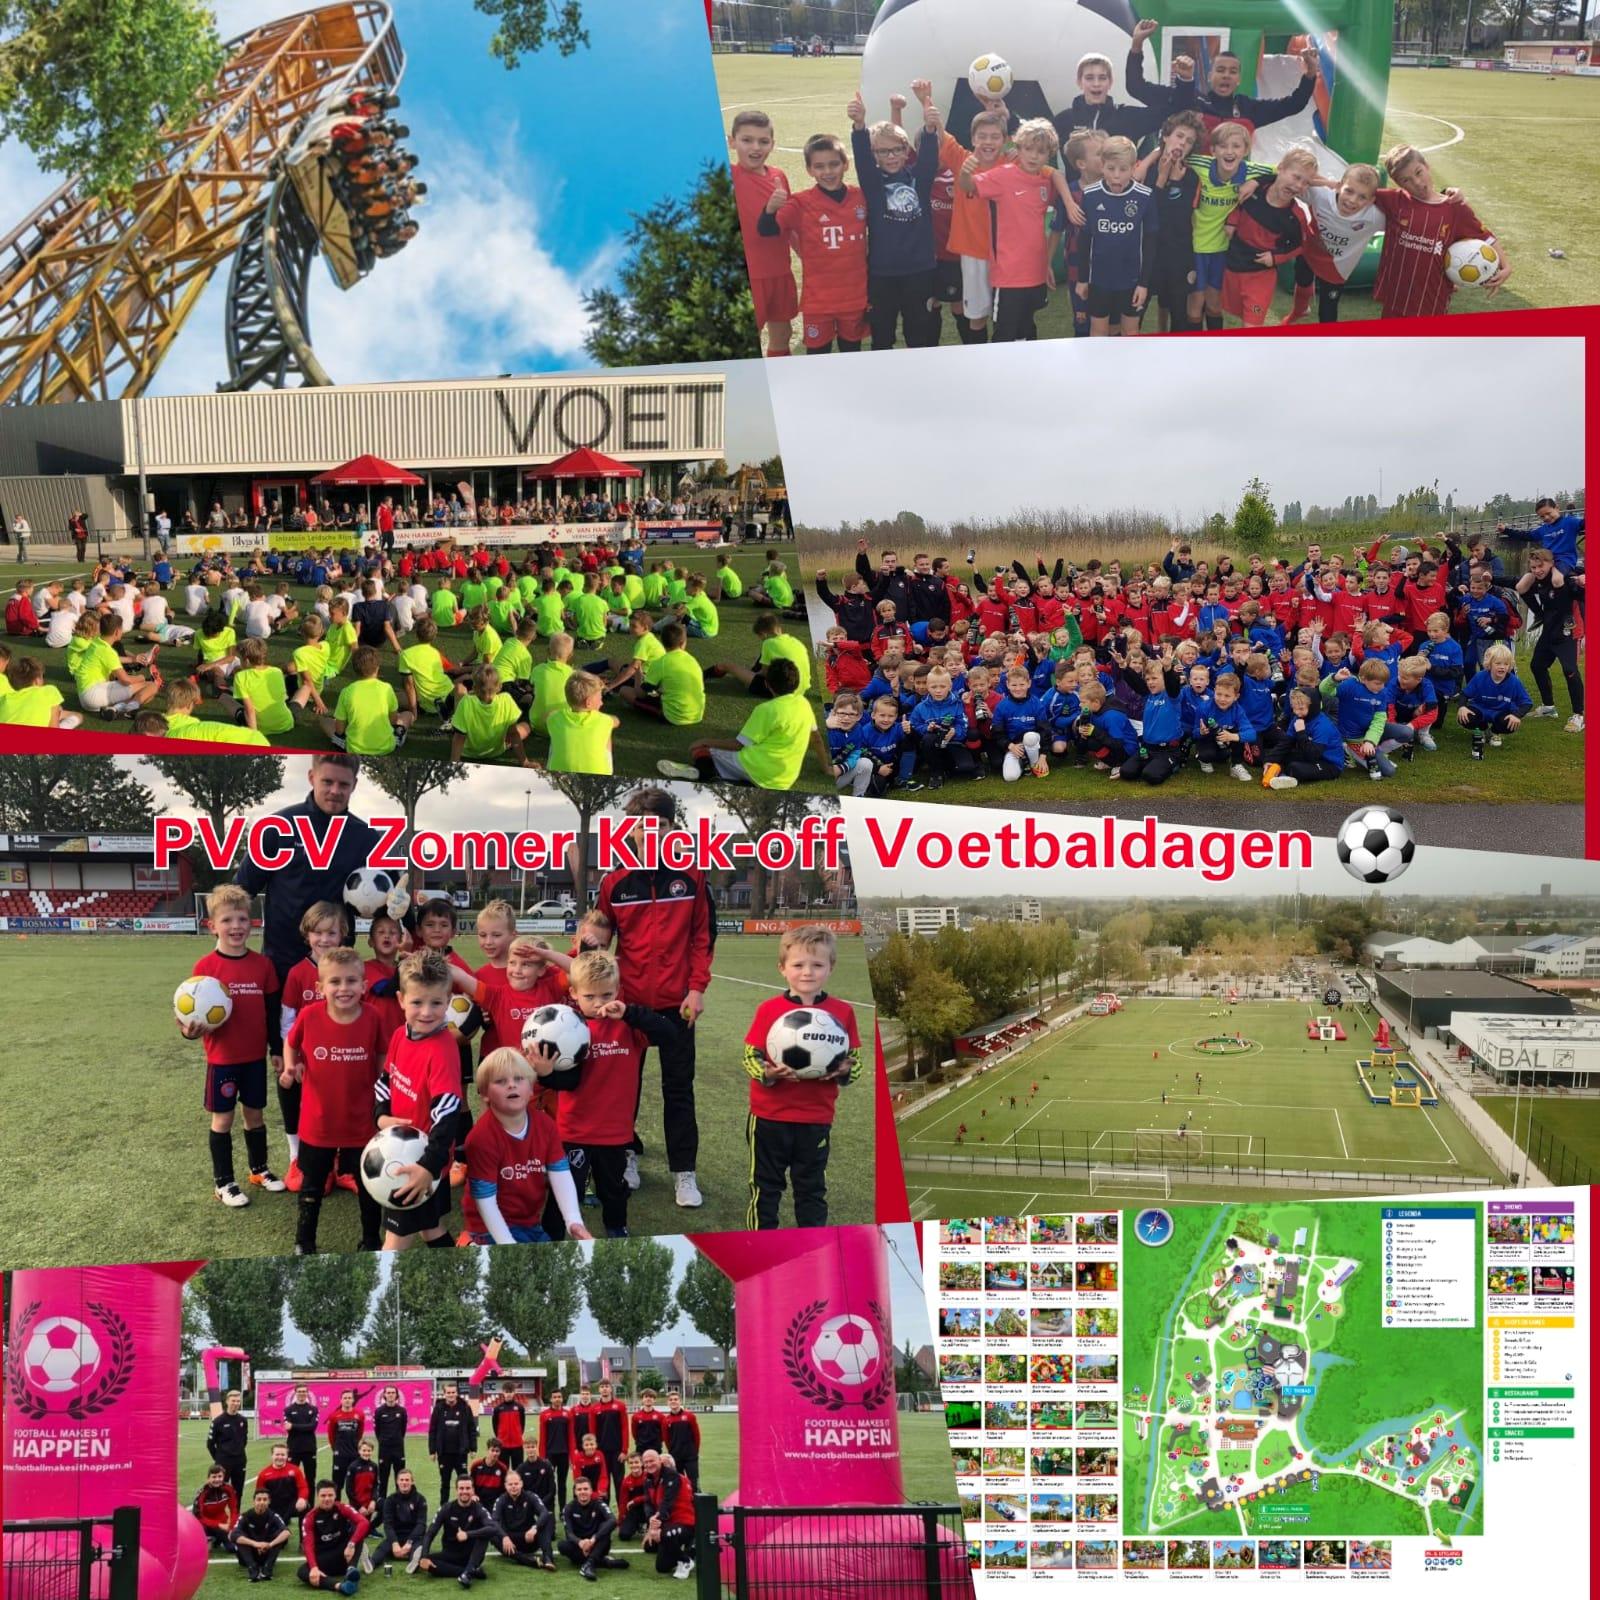 UPDATE: PVCV Zomer Kick-off Voetbaldagen op 23, 24 en 26 Augustus! Nog een paar plaatsen beschikbaar!